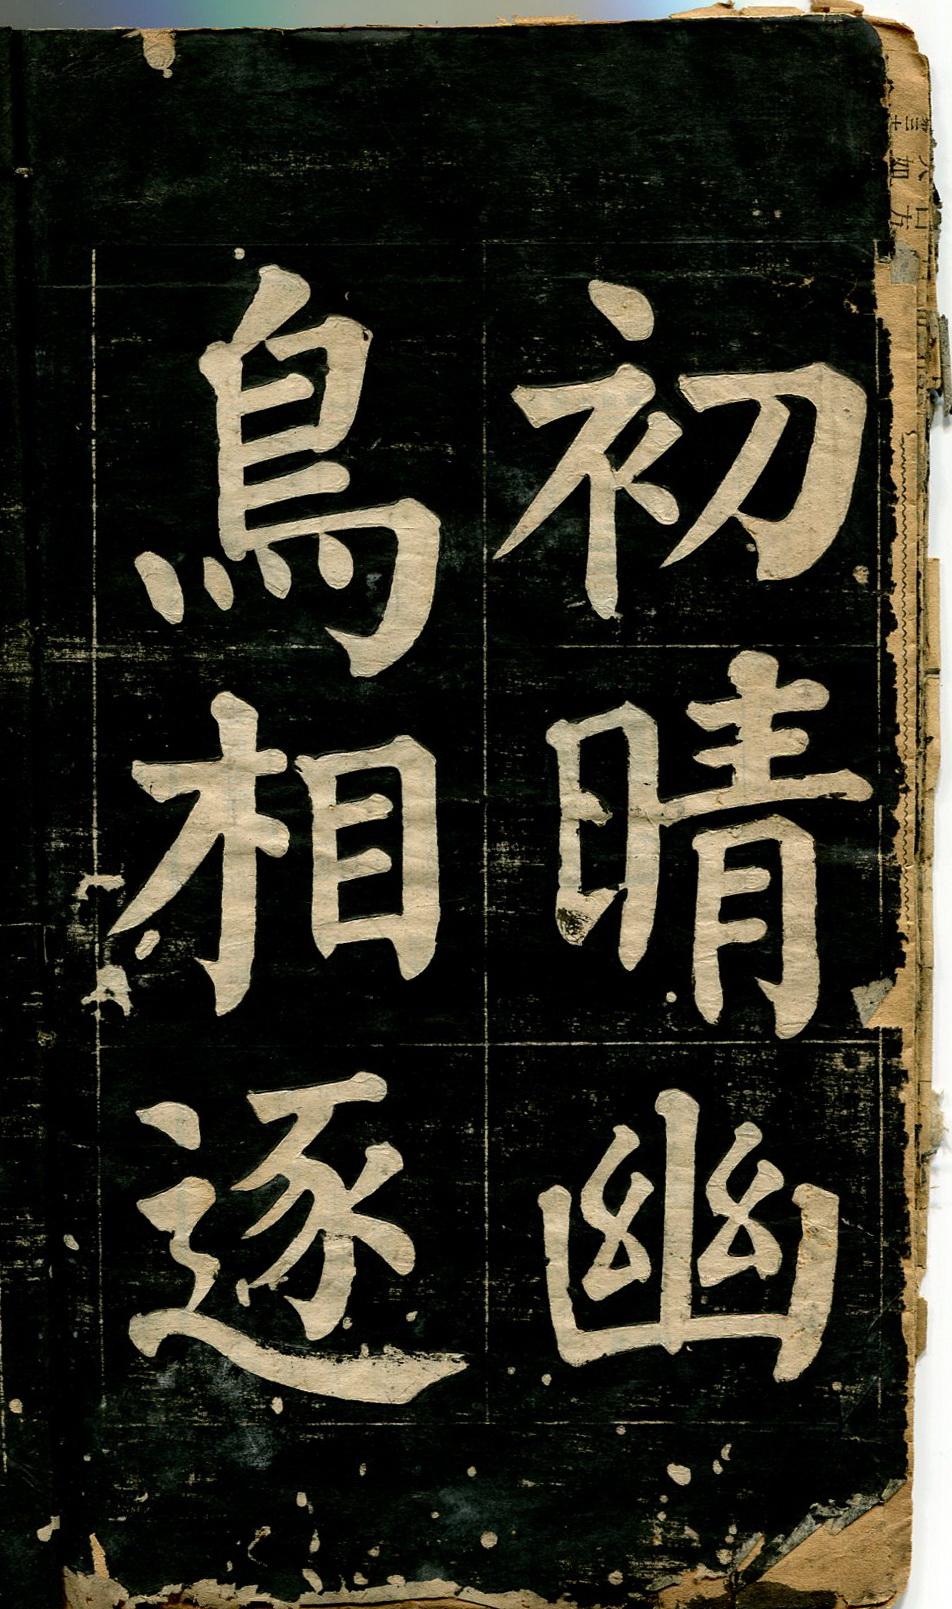 洗炼《二十四诗品》唐.司空图【拓片】